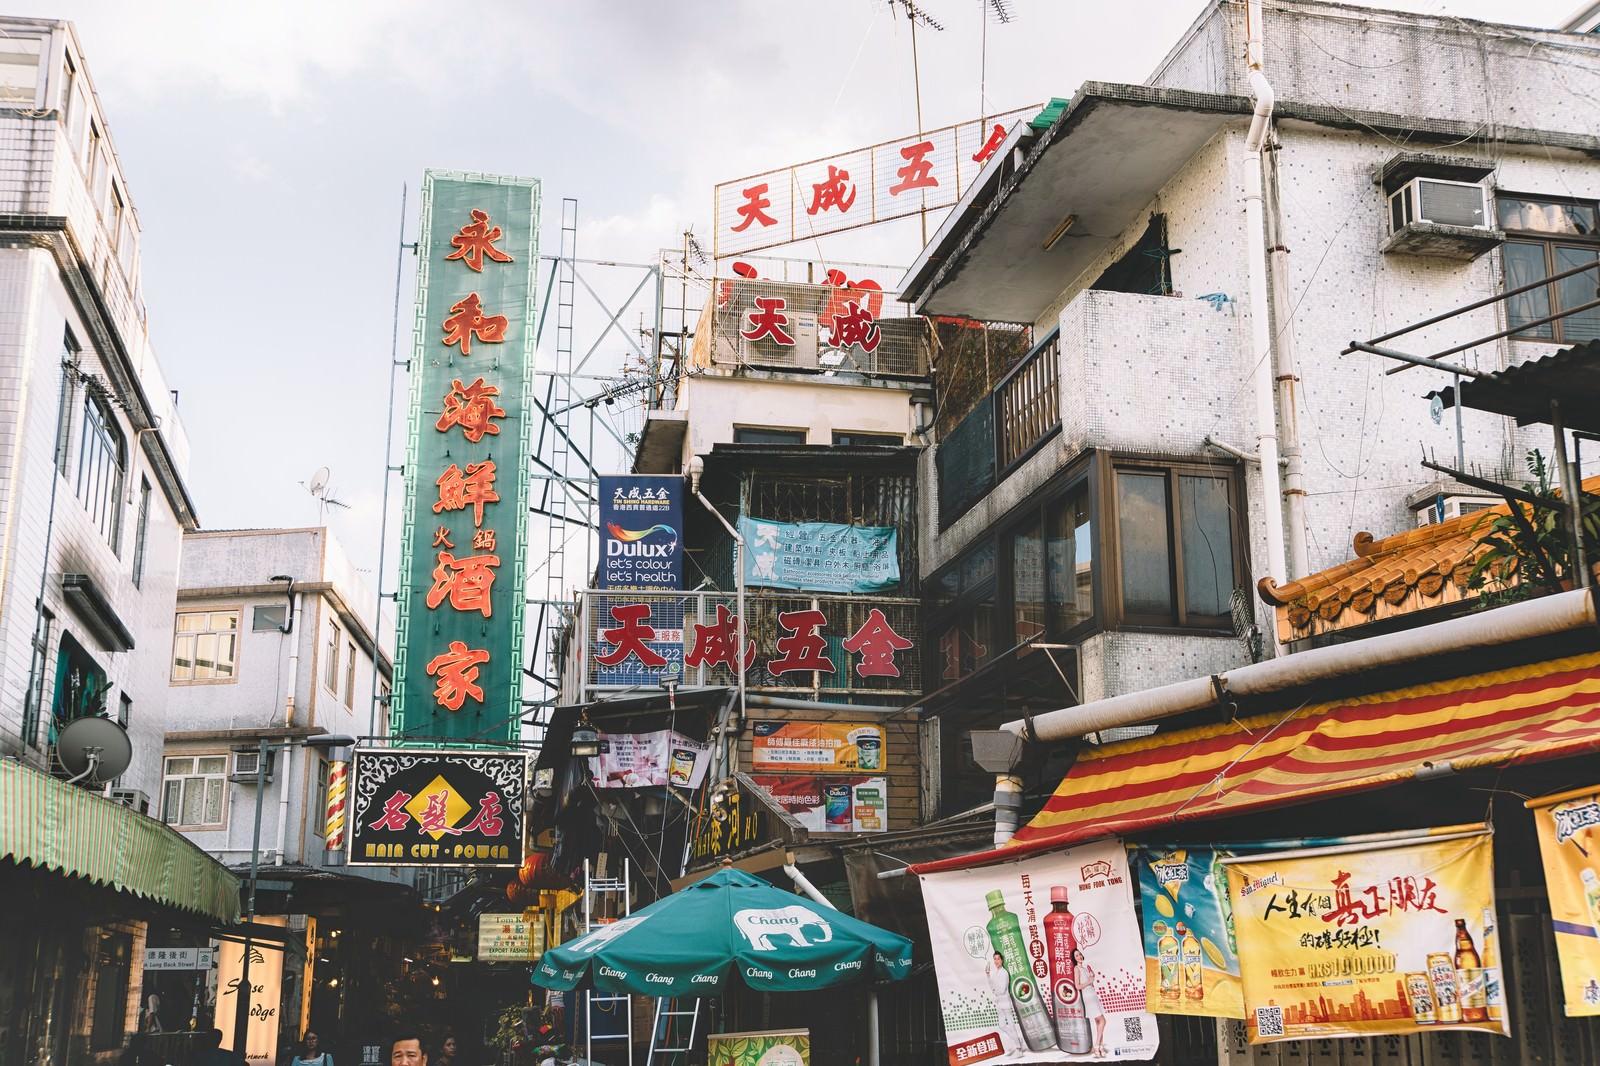 「西貢(サイゴン)の商店街」の写真